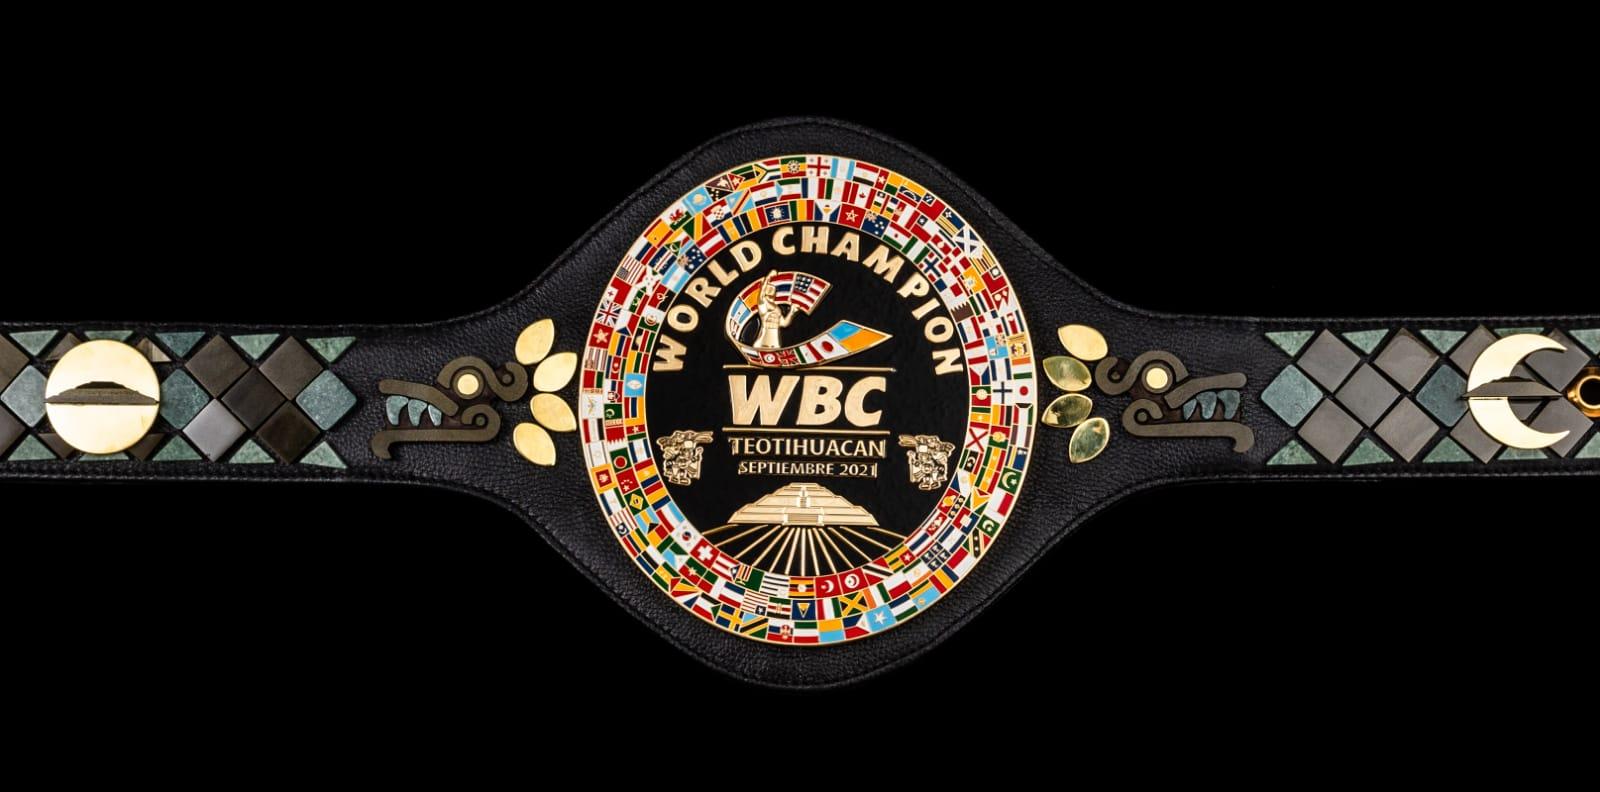 Presentan el cinturón Teotihuacano, la 'joya' que coronará al campeón mundial unificado entre 'Canelo' y Plant